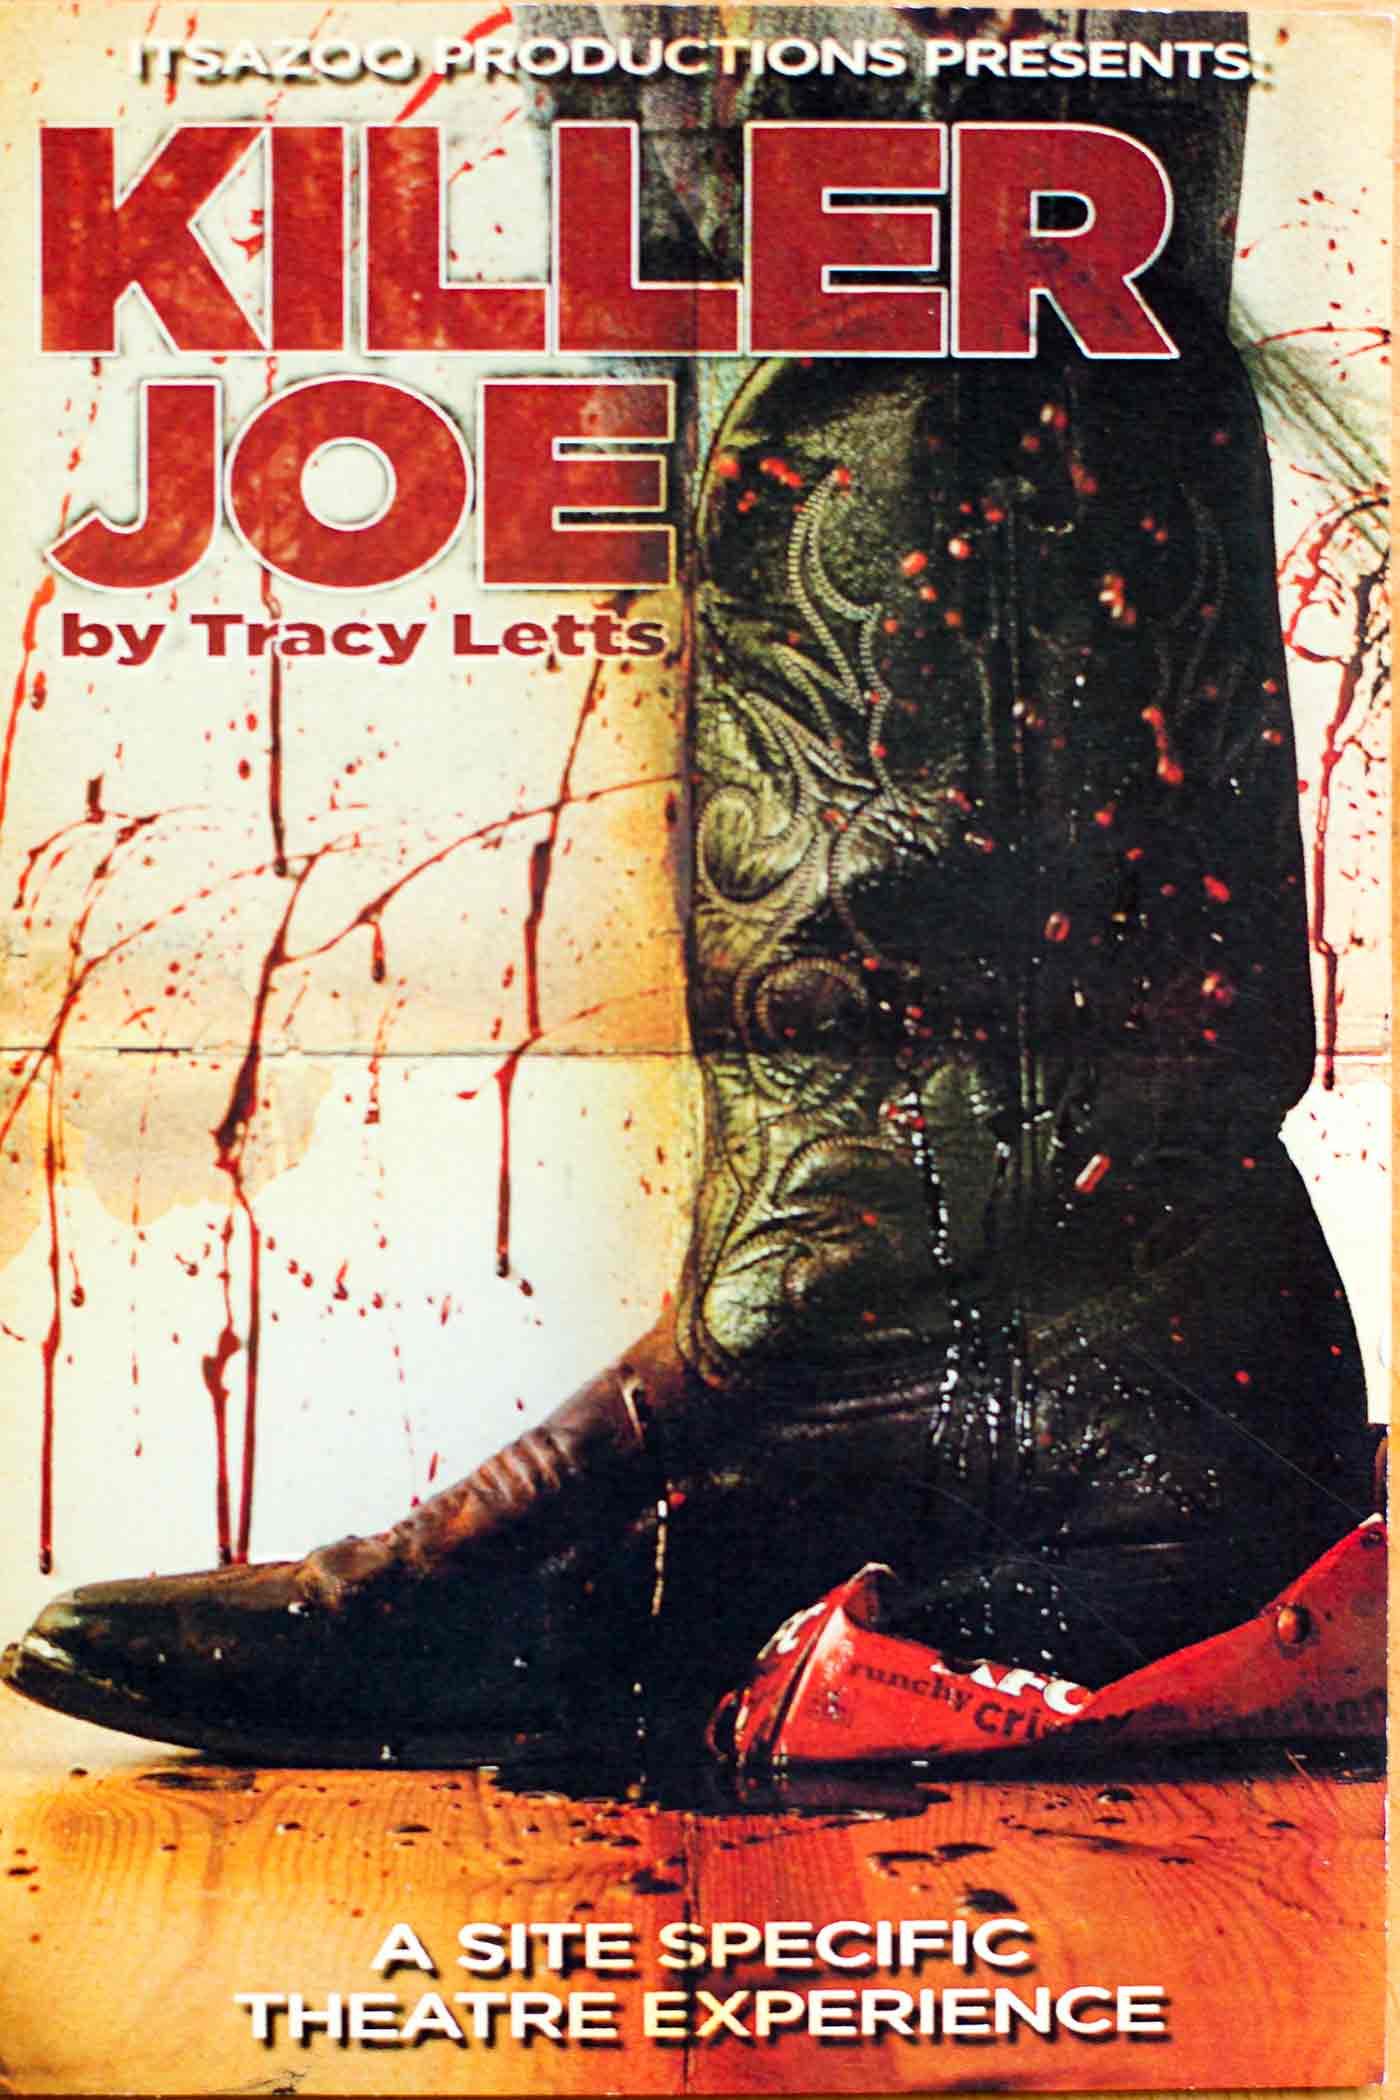 Killer Joe poster- Itsazoo Productions